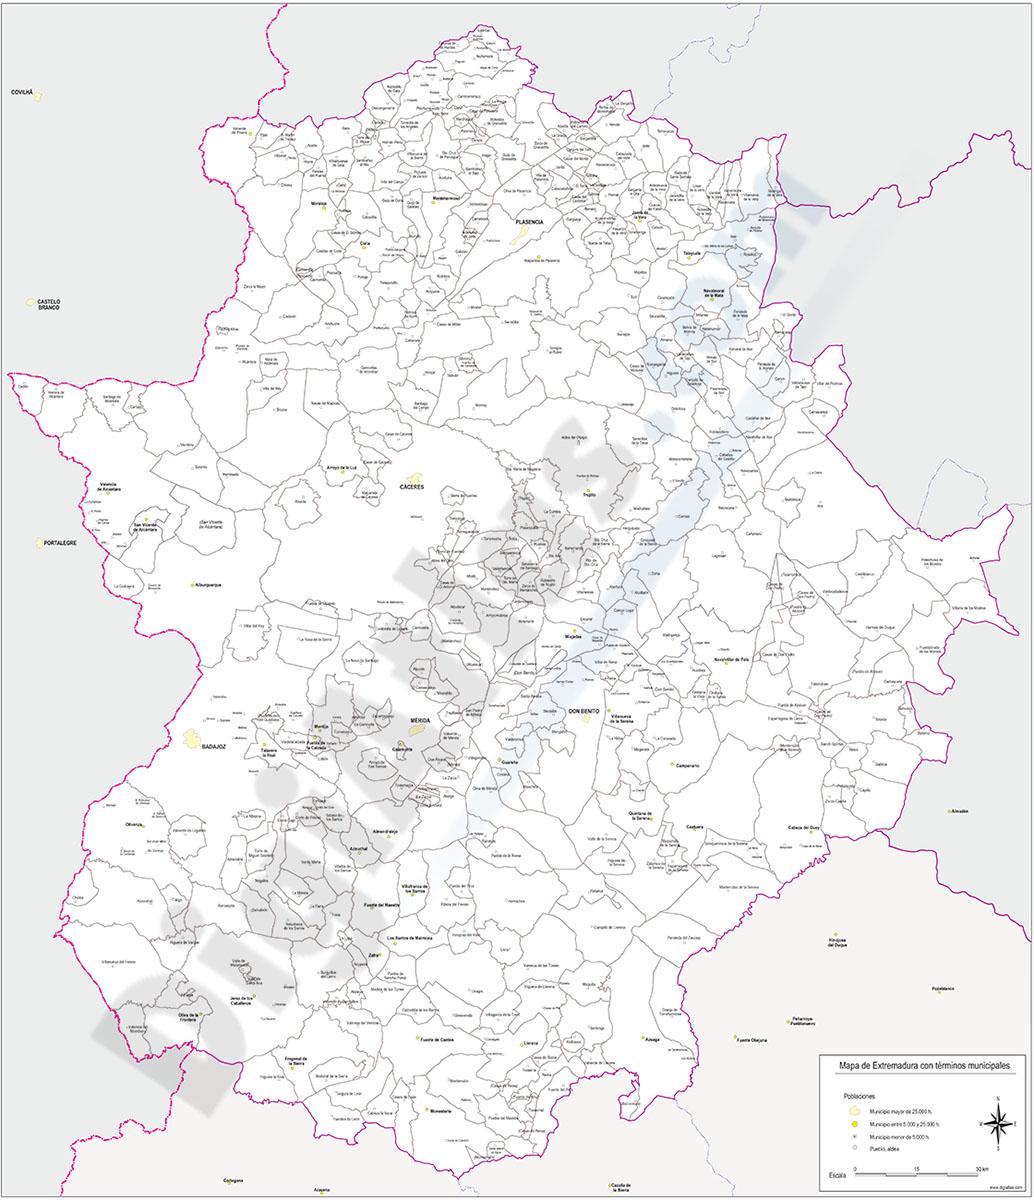 Mapa de Extremadura con municipios y poblaciones